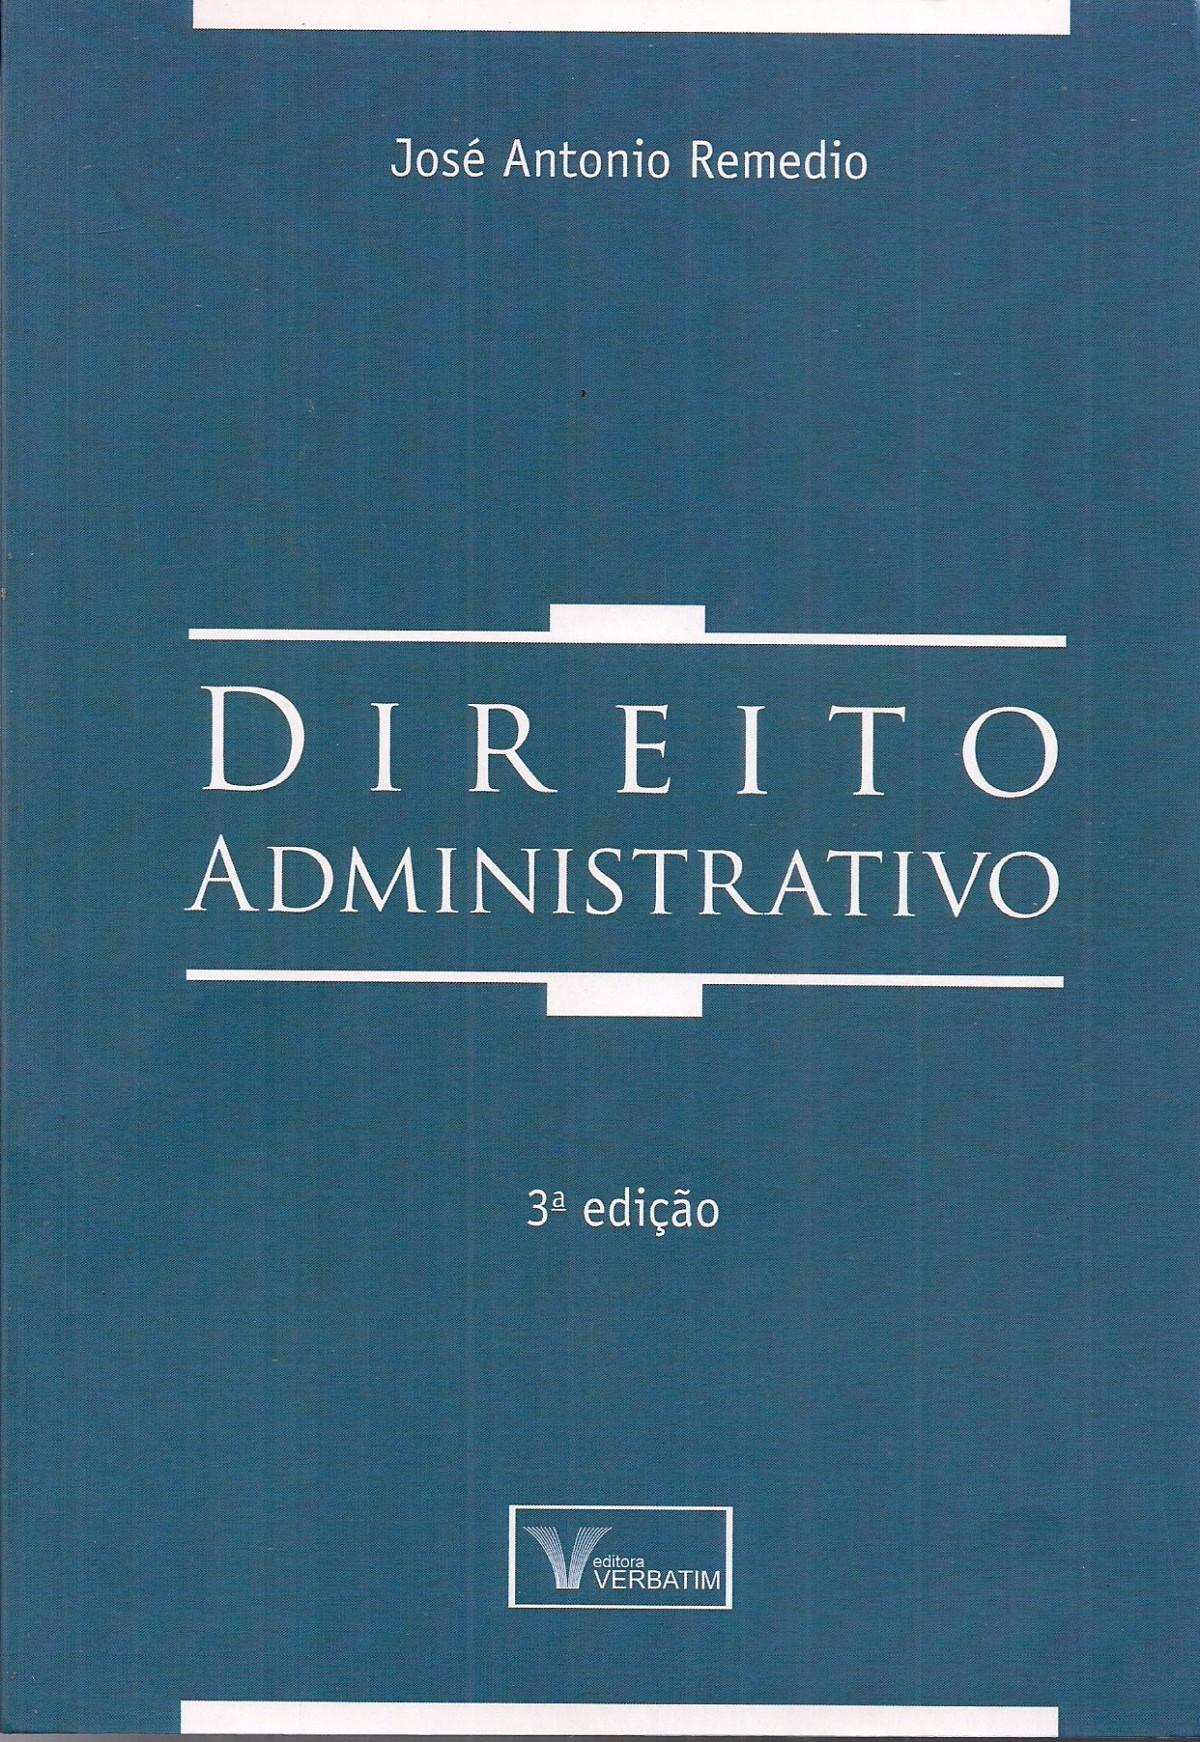 Foto 1 - Direito Administrativo